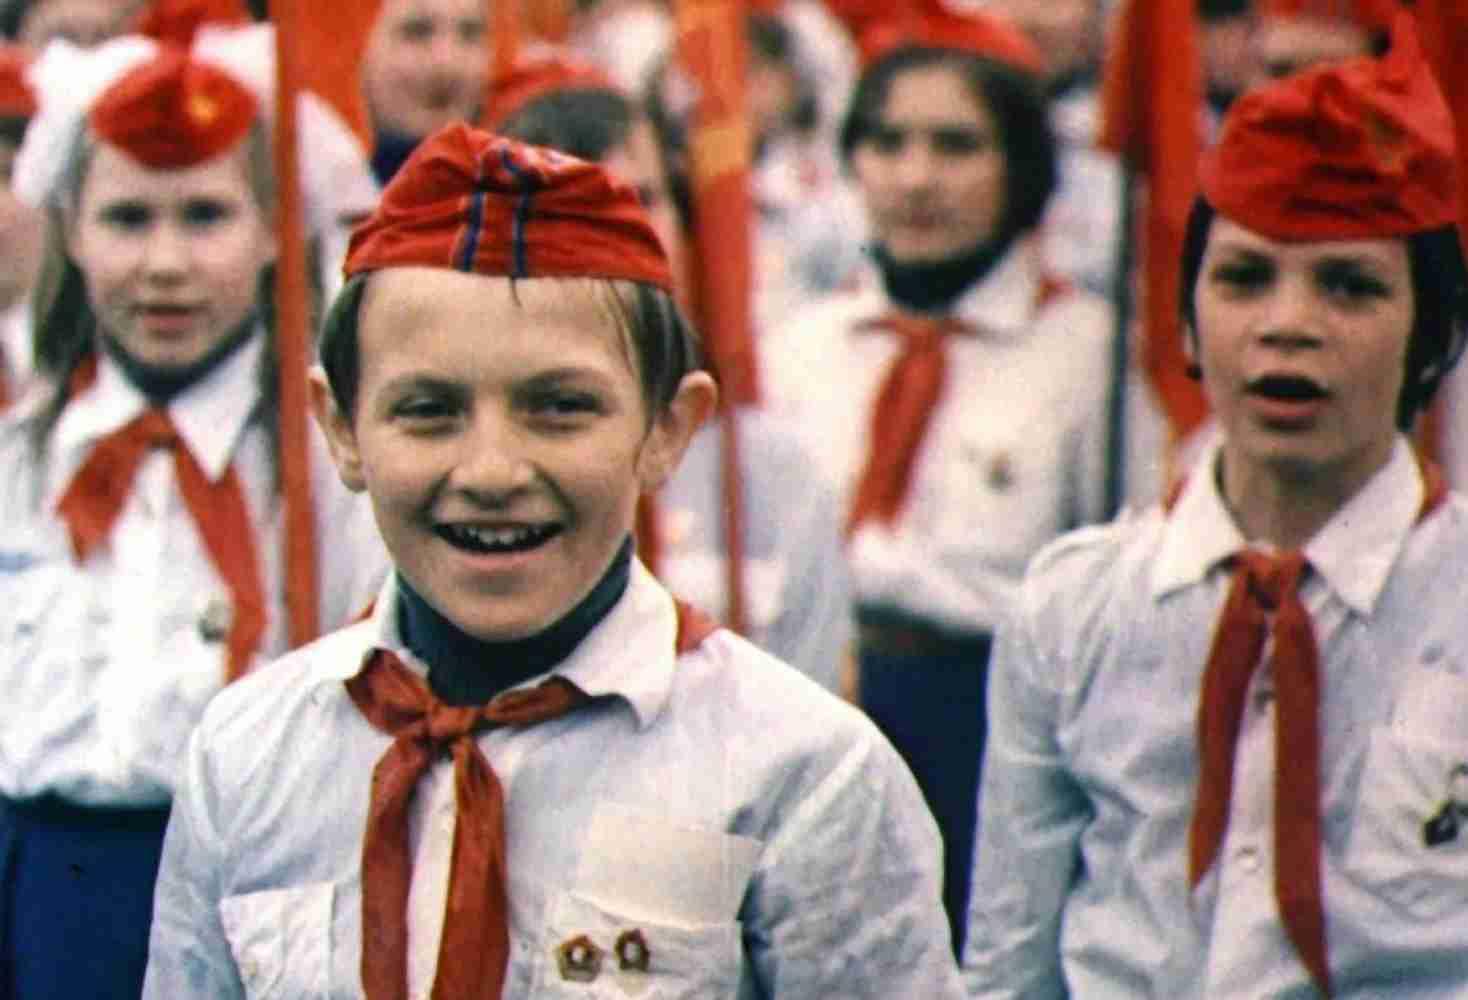 olge-vasilevoj-predlozhili-vnesti-v-shkolnuyu-programmu-izuchenie-biografij-pionerov-geroev